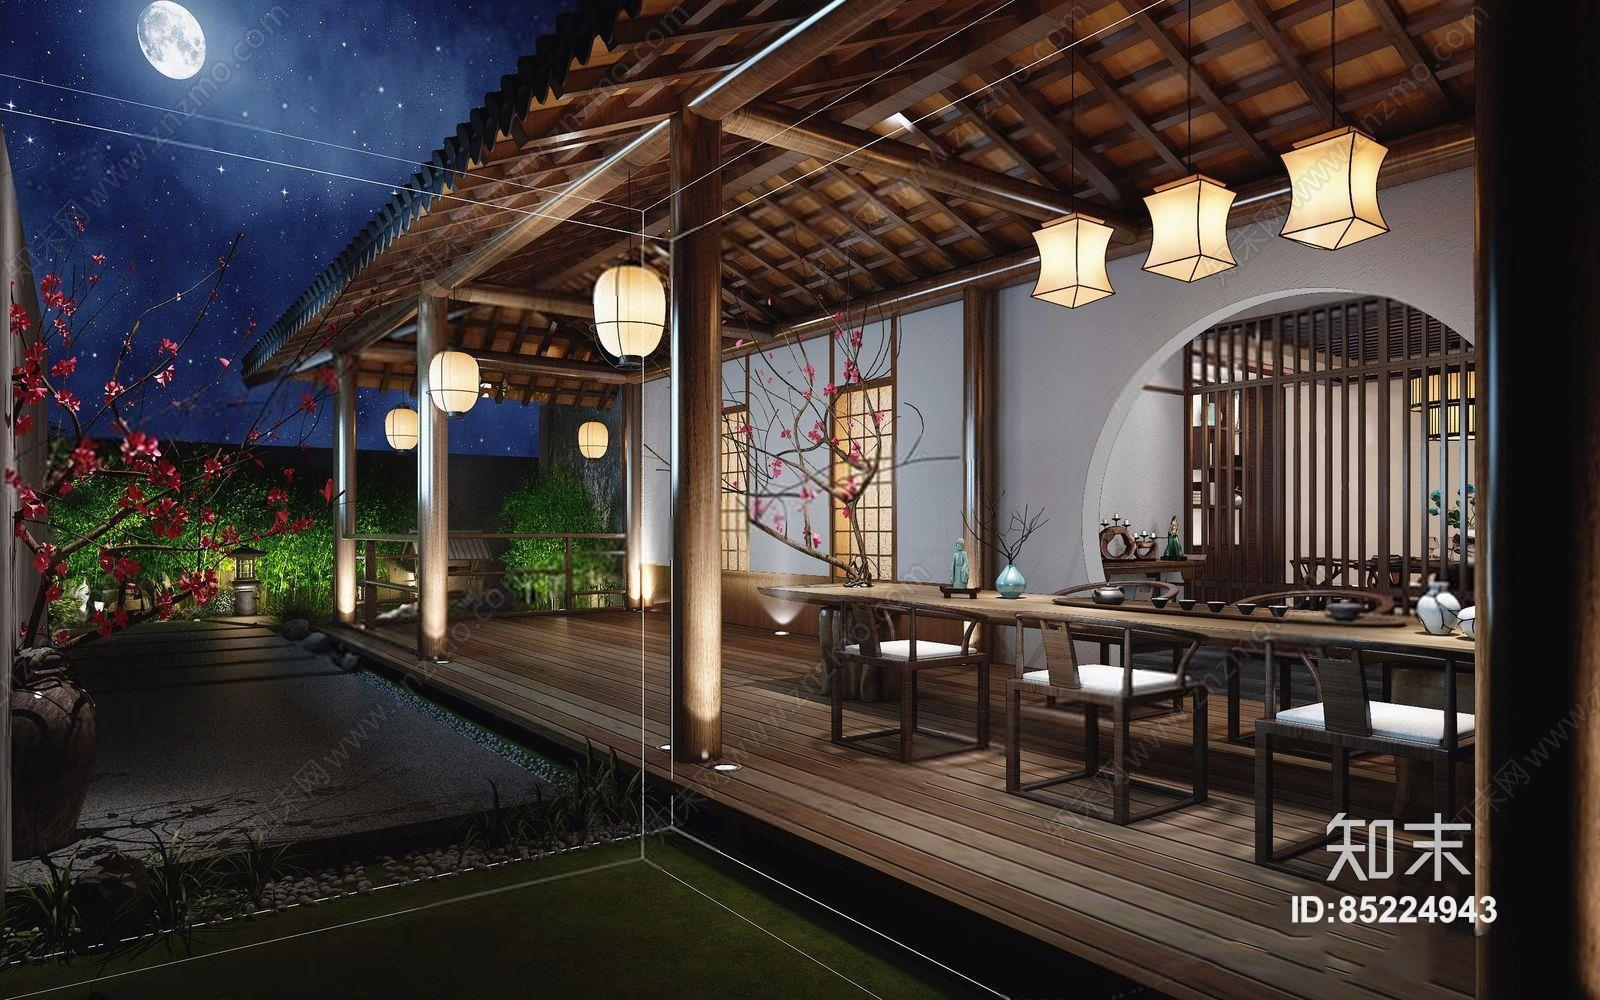 室外景观走廊 新中式景观 连廊 吊灯 茶桌 椅子 摆件 石头 桃花3d模型